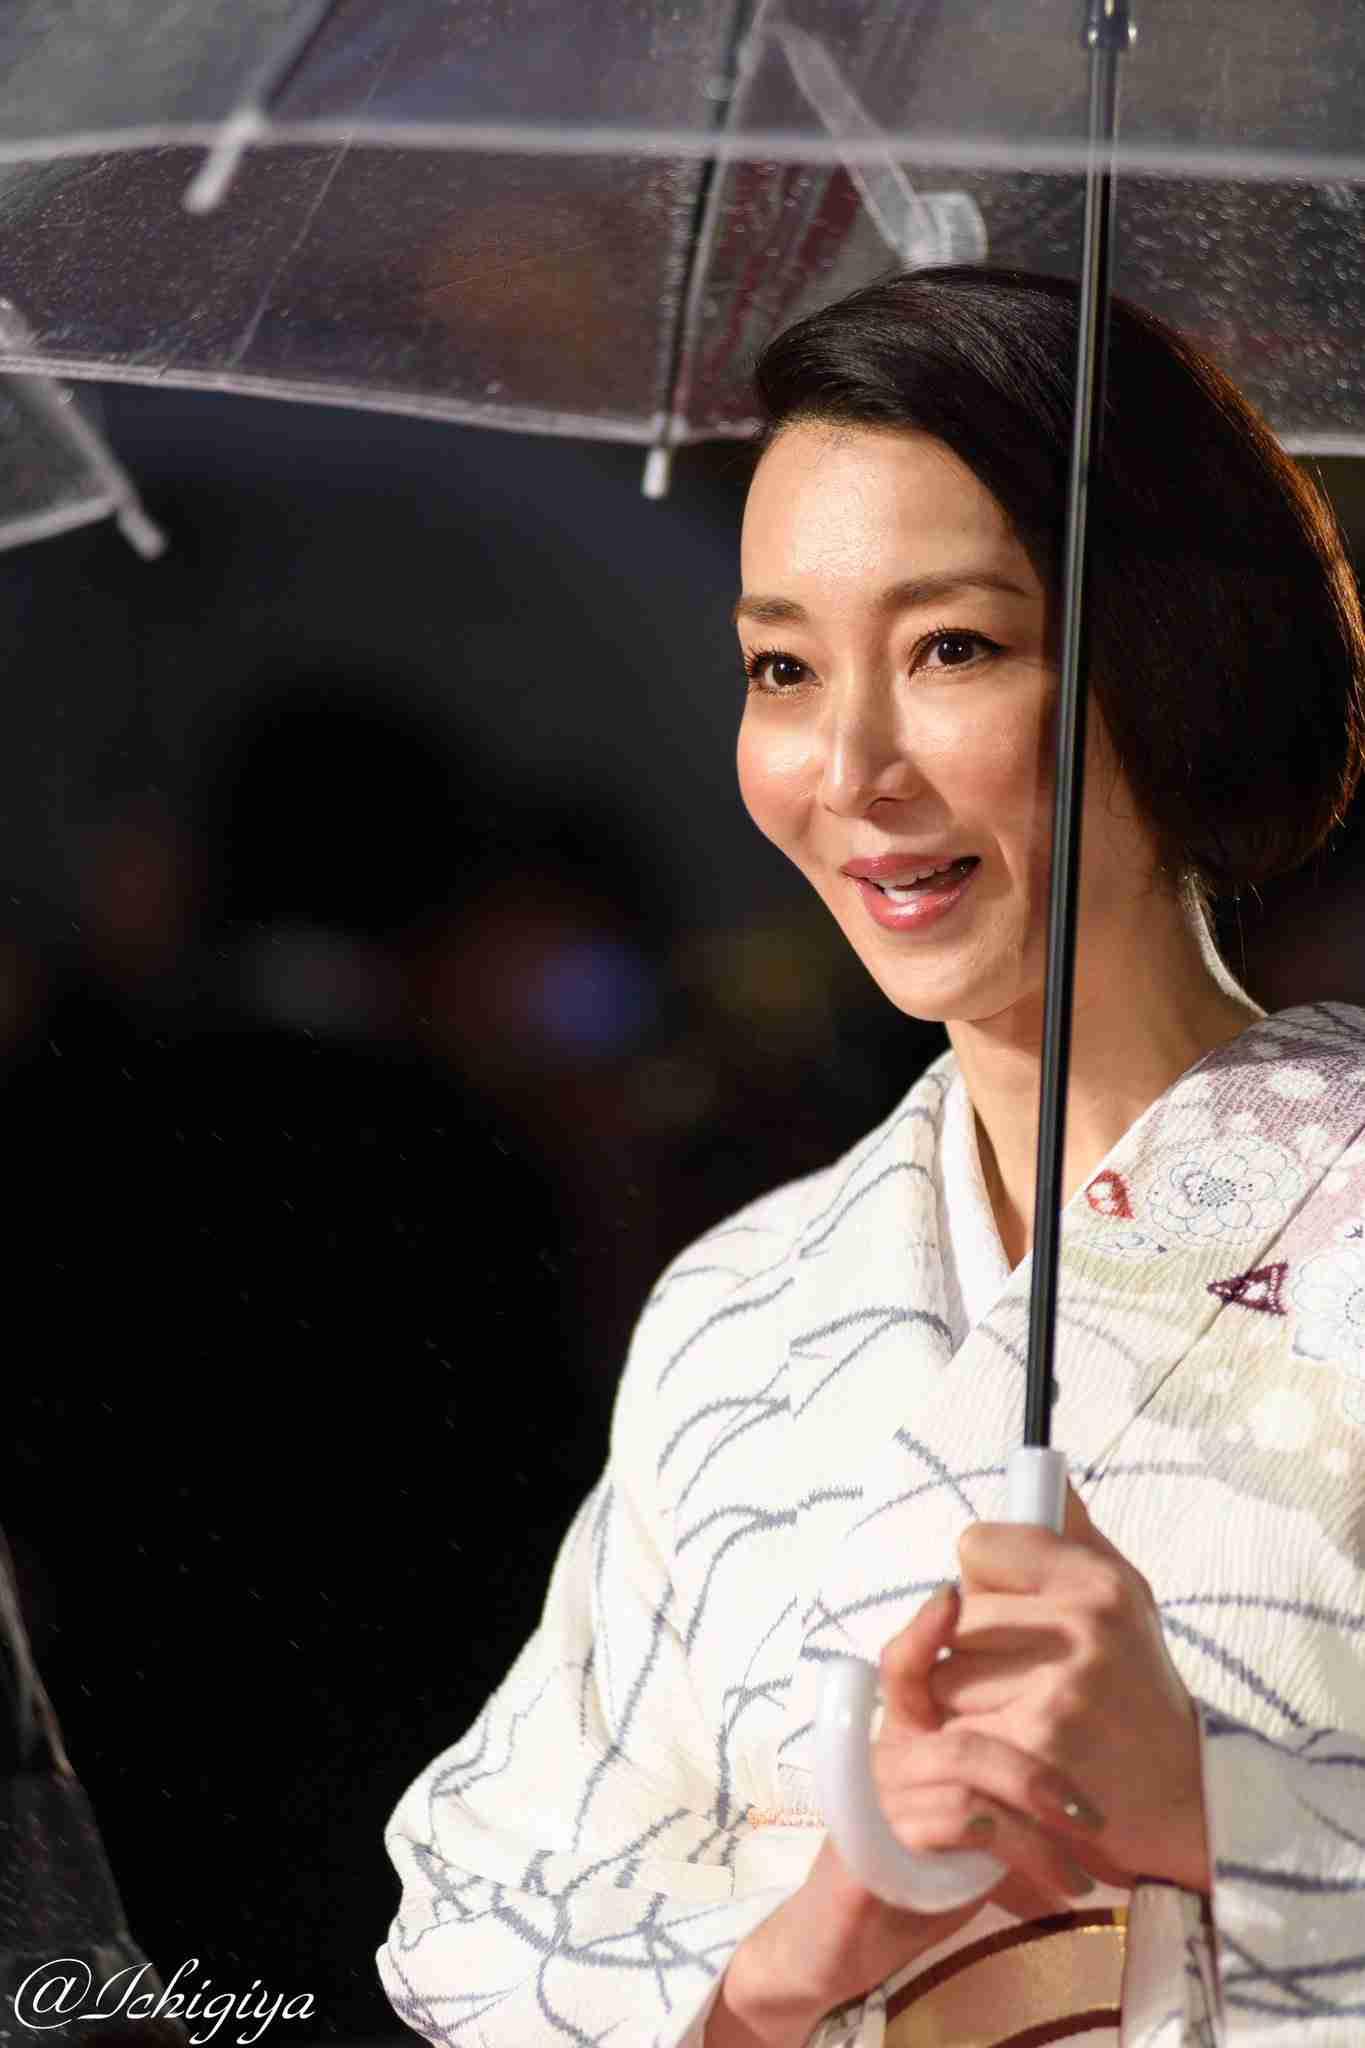 長谷川京子、「つまらなそうな顔が…」妖艶すぎる姿にファン大興奮